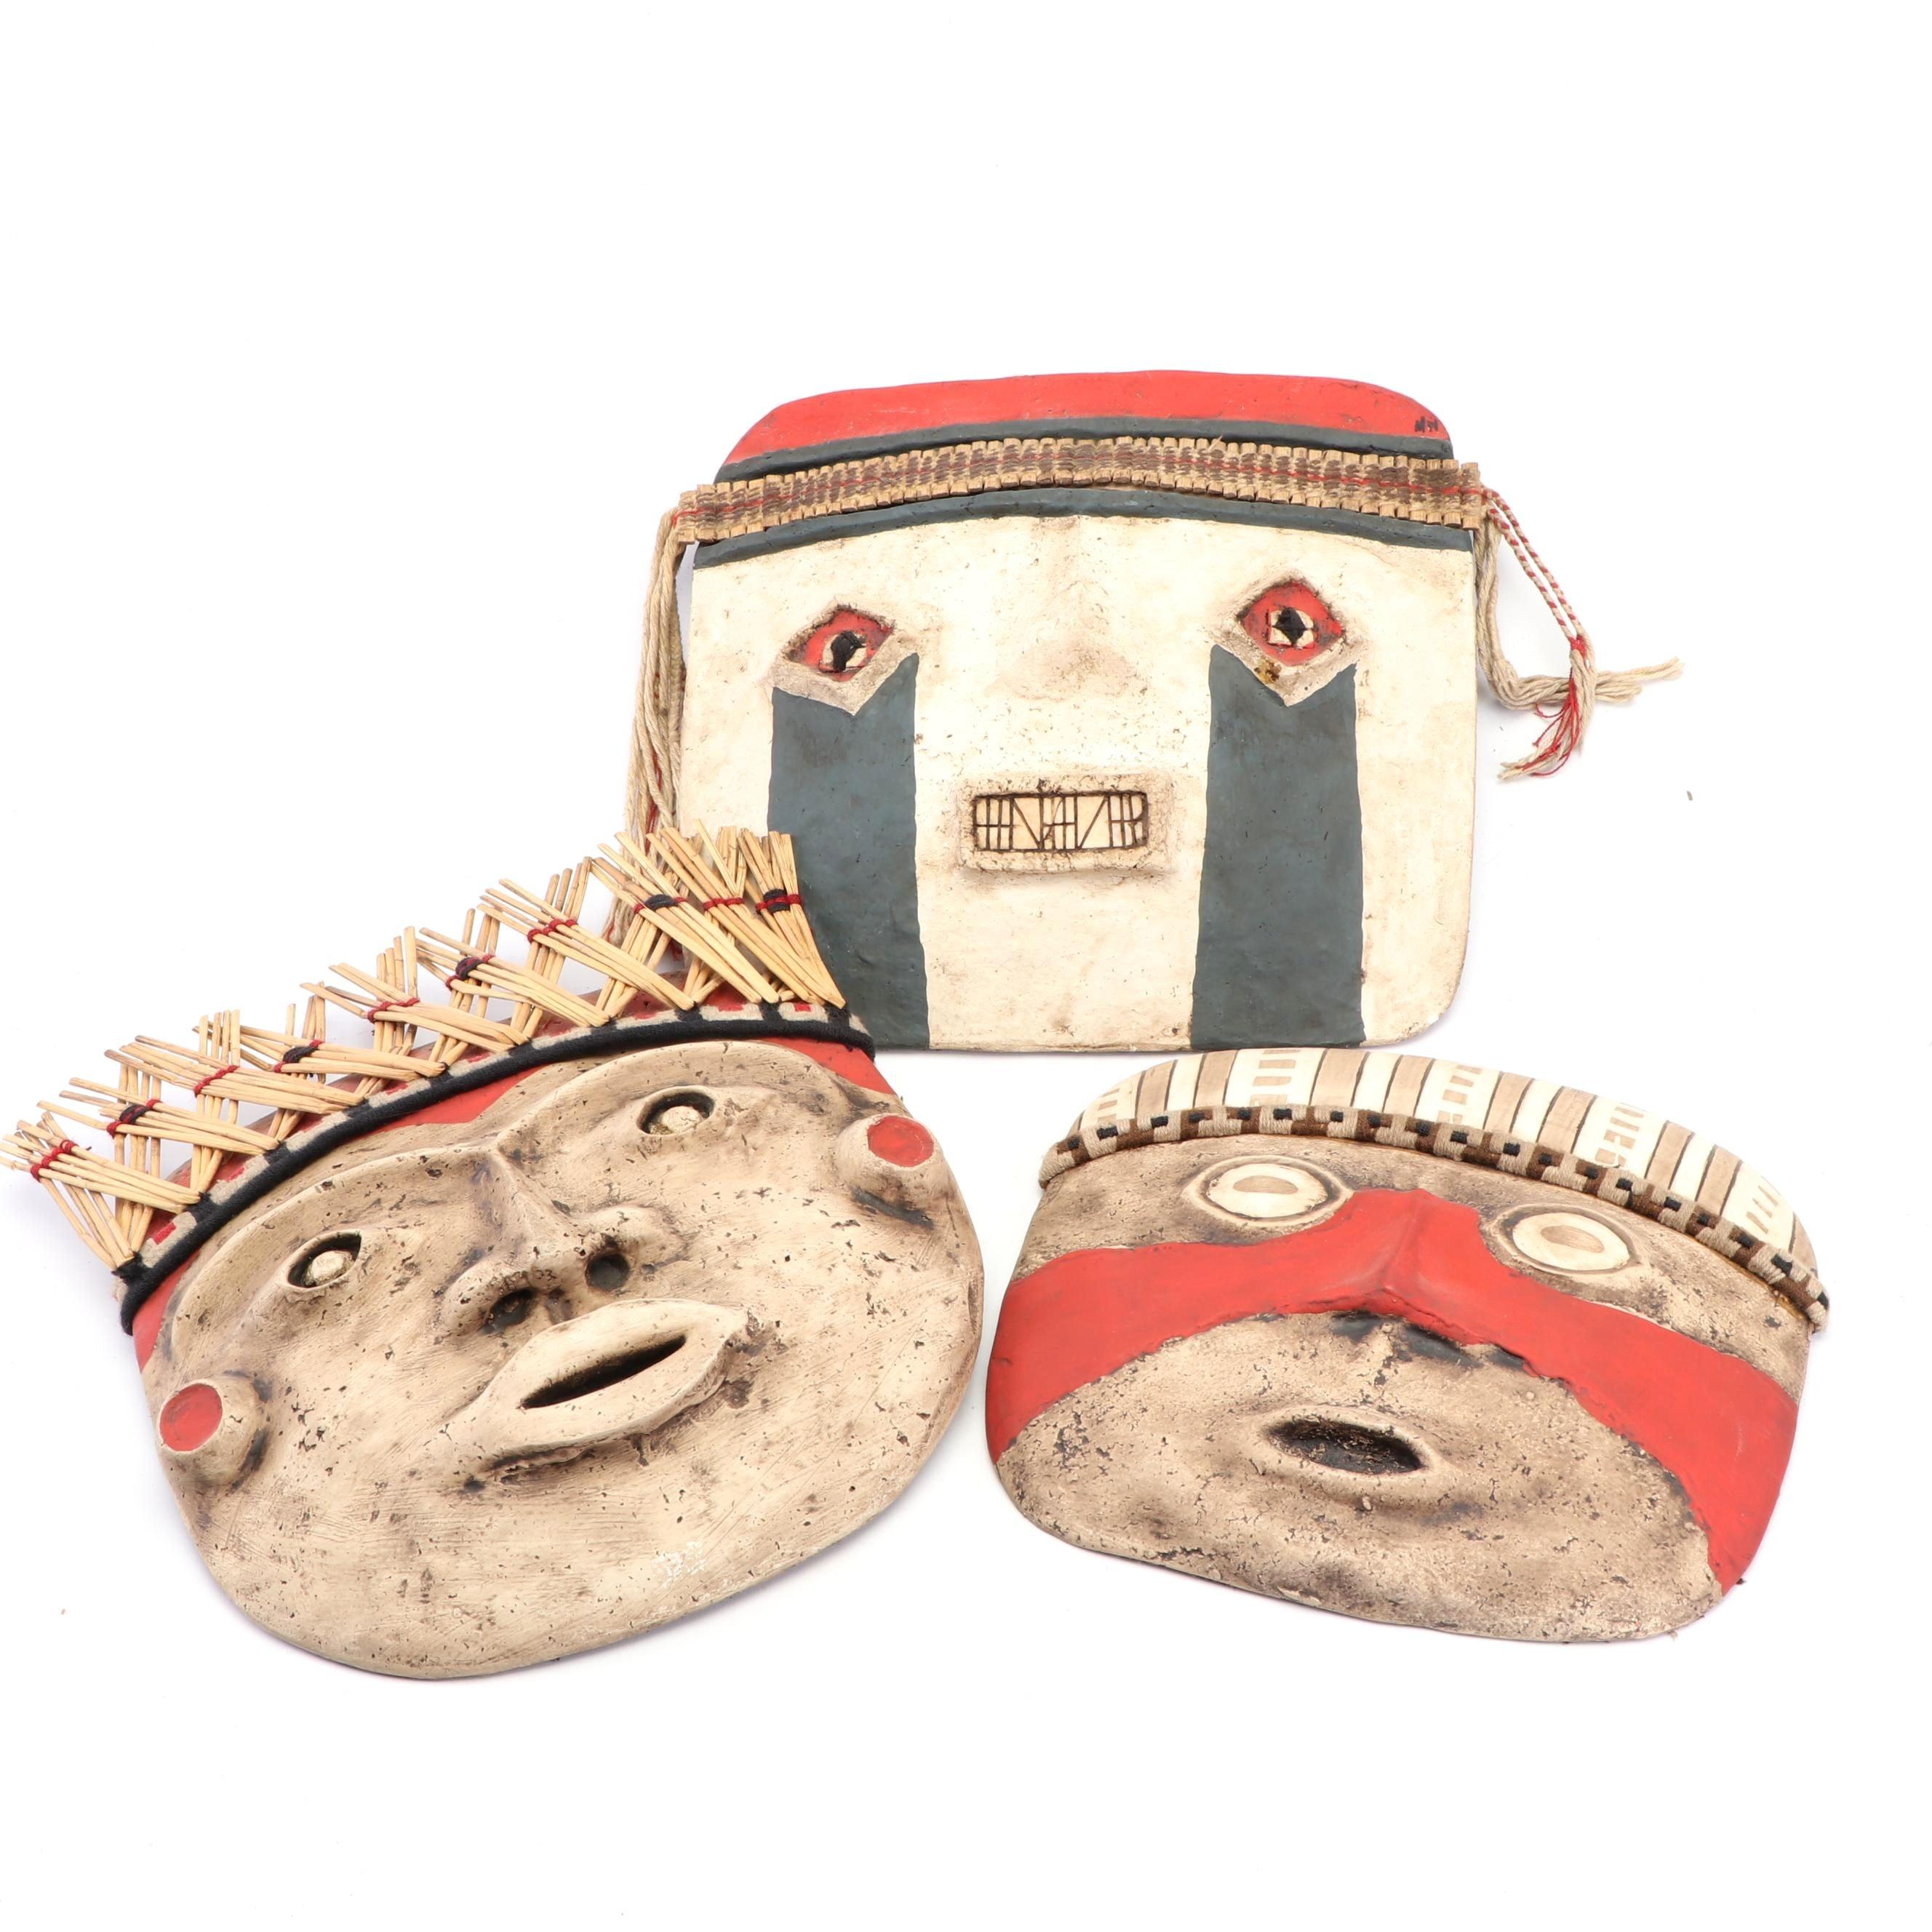 Handmade Peruvian Papier-mâché Mask Wall Hangings